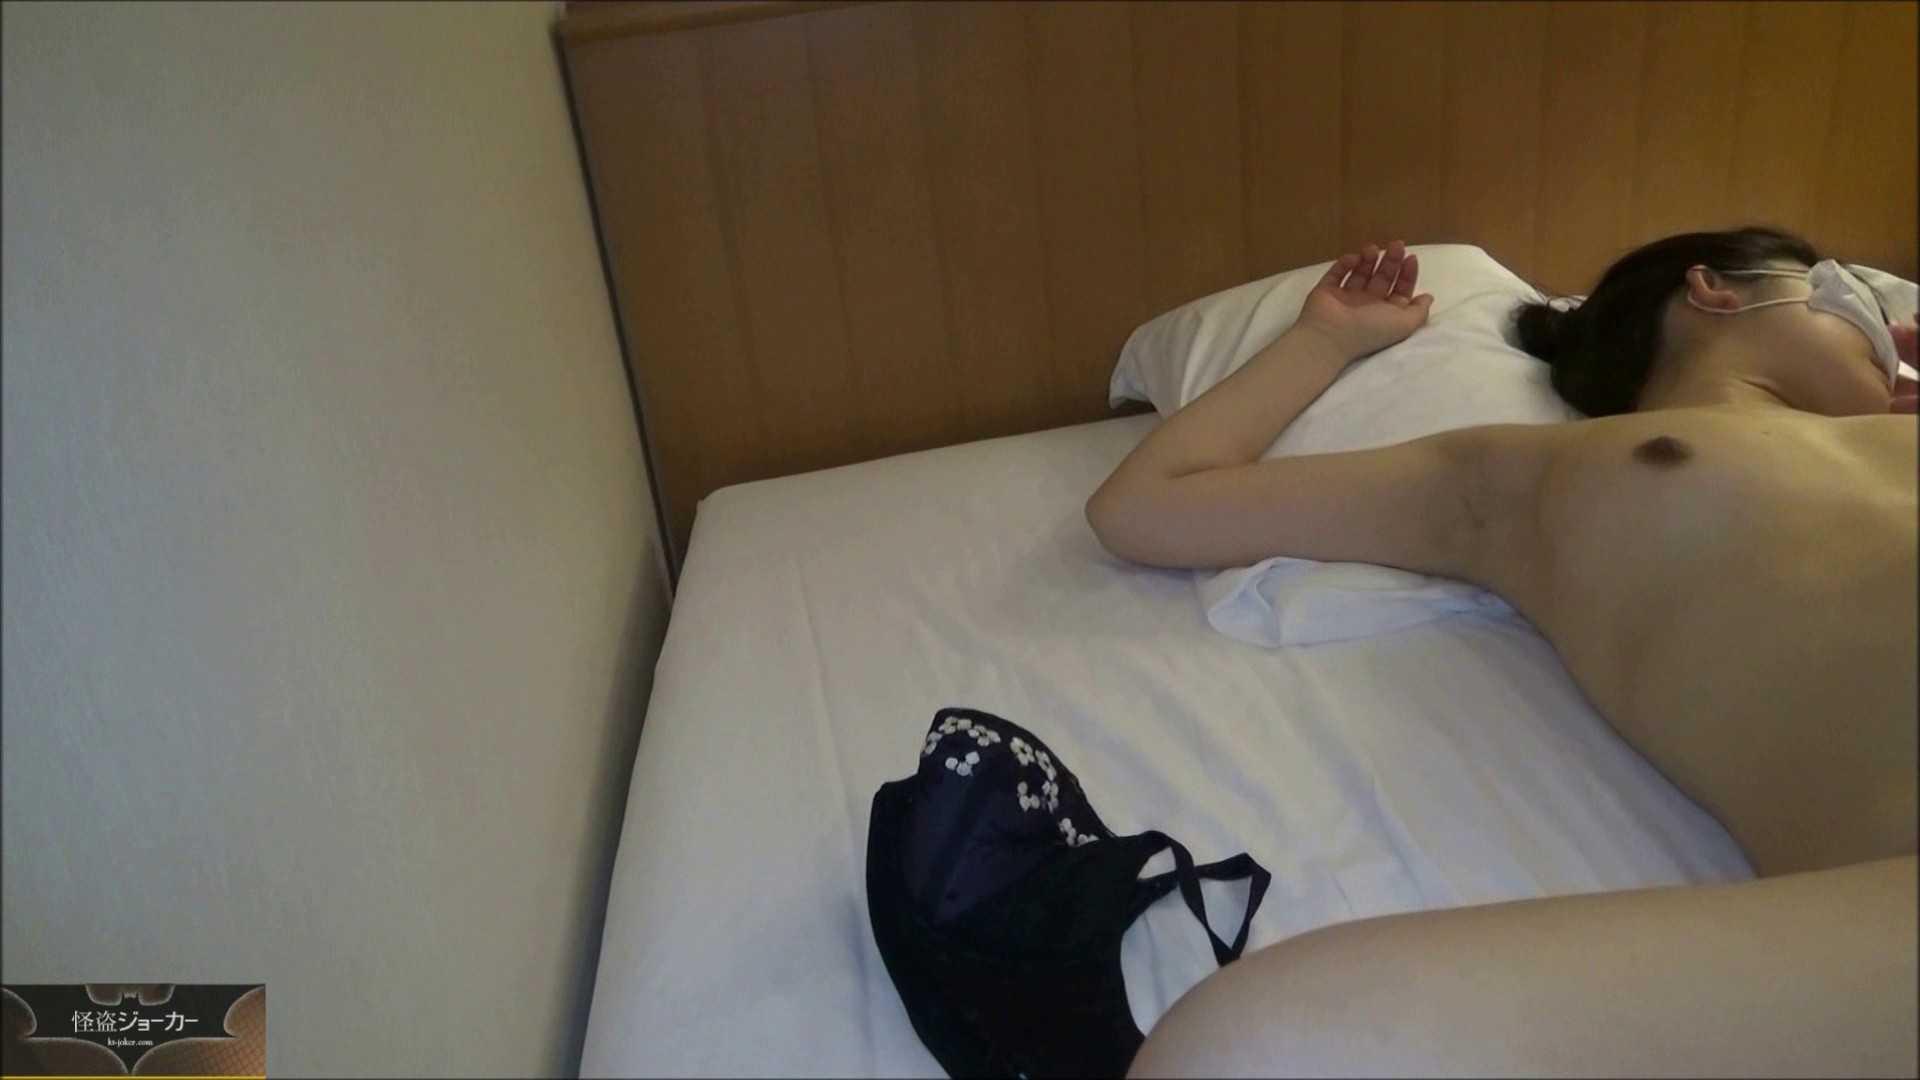 【未公開】vol.79 {関東某有名お嬢様JD}yuunaちゃん③ フェラ | お嬢様  77pic 58